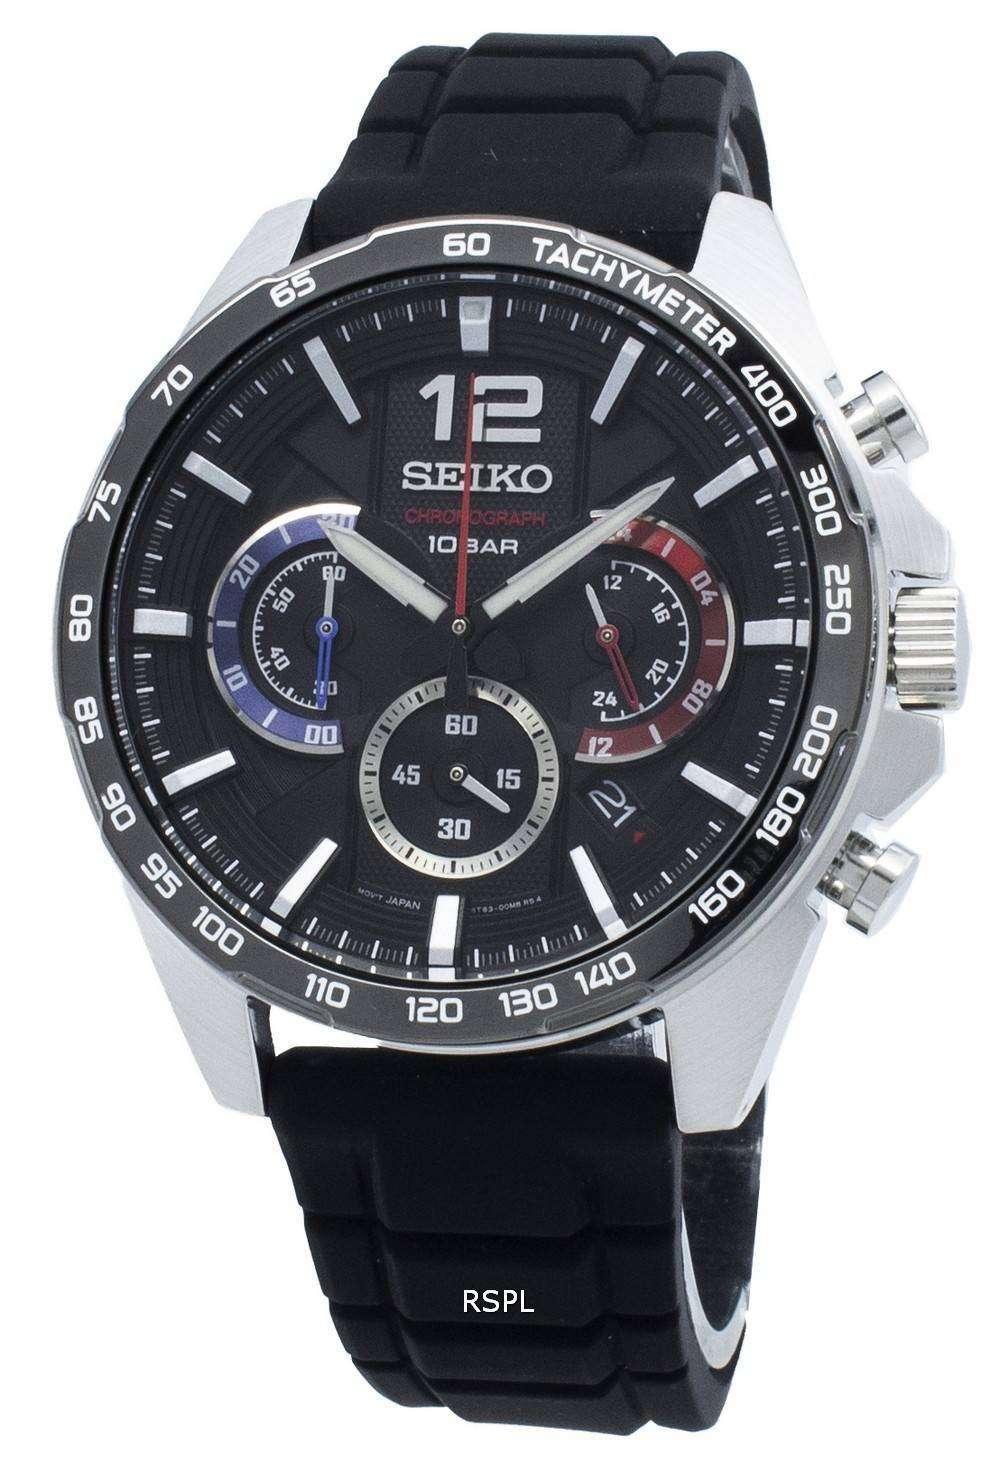 セイコークロノグラフSSB347 SSB347P1 SSB347Pタキメータークォーツメンズ腕時計